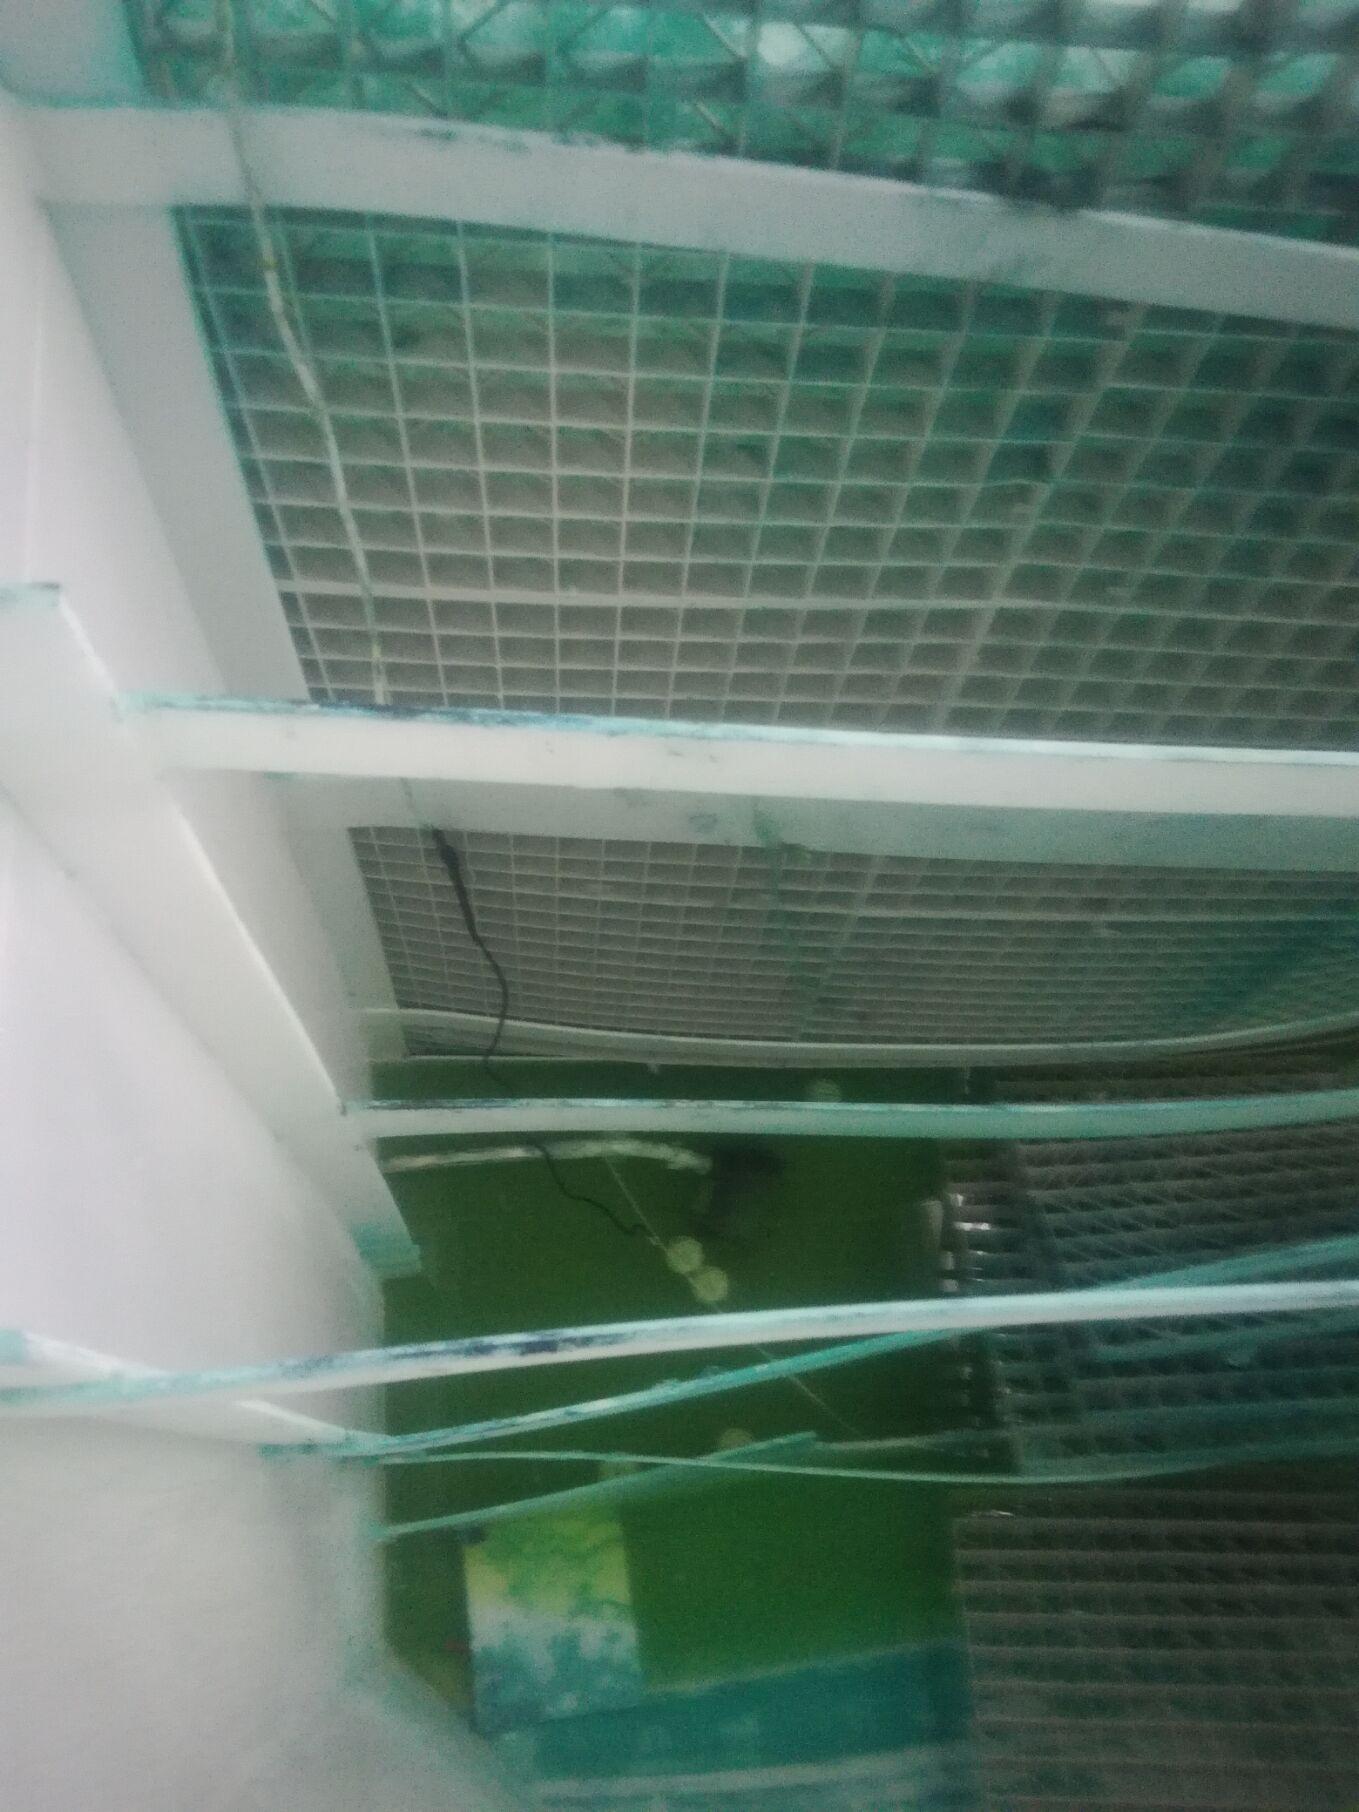 造粒厂贝博|唯一授权处理设备 塑料颗粒厂贝博|唯一授权处理